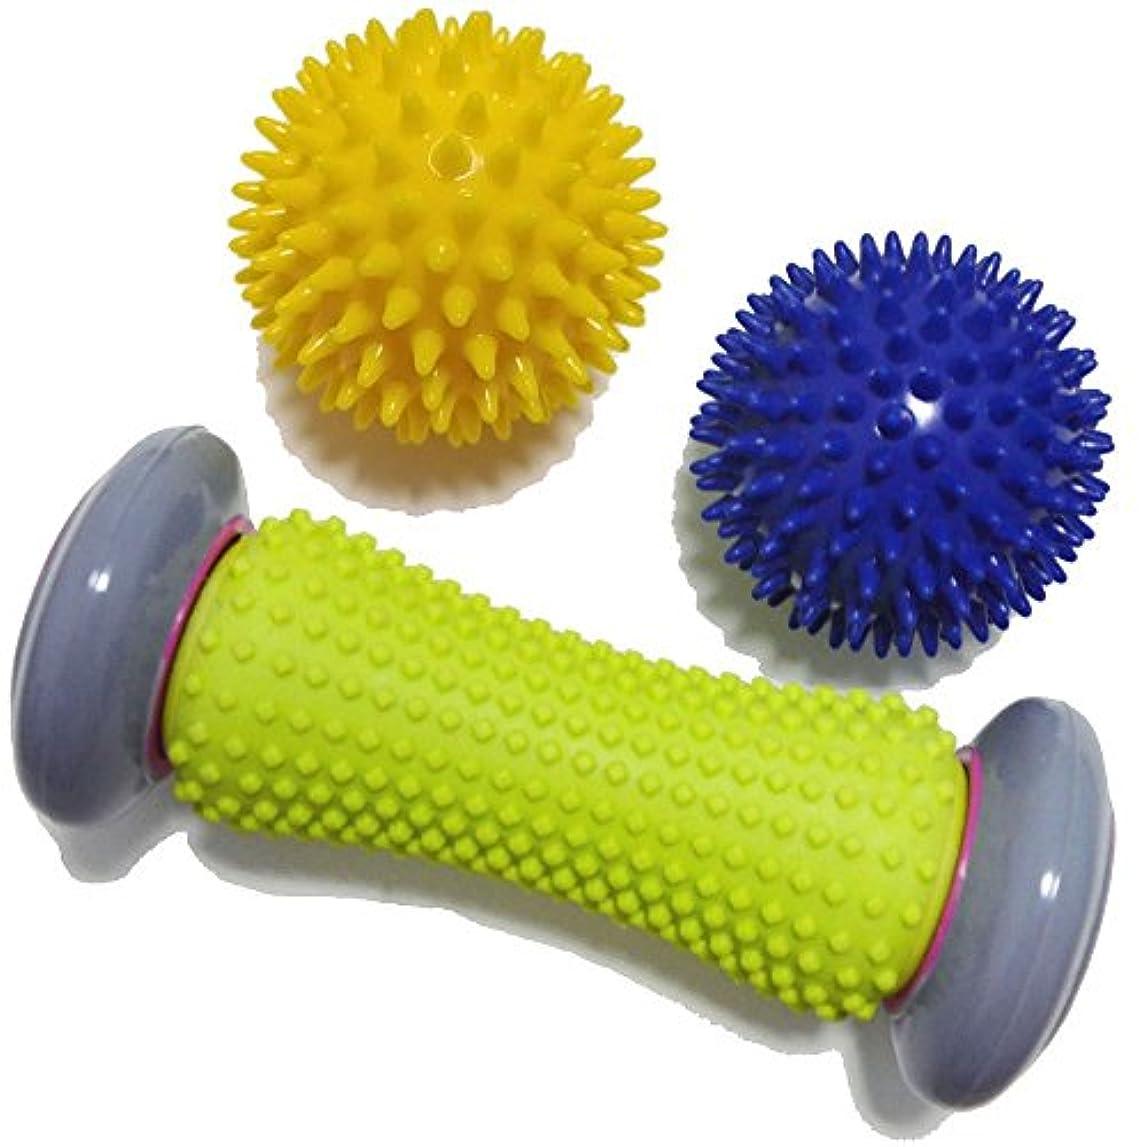 ジュラシックパーク有効化ローズフットローラー&スパイキーマッサージボール - トリガーポイントセラピー(リラクゼーション)足底筋膜炎とリフレクソロジーマッサージ - ディープティッシュアクアレーシックPLAリラックスフットバックレッグハンドタイトマッスル...